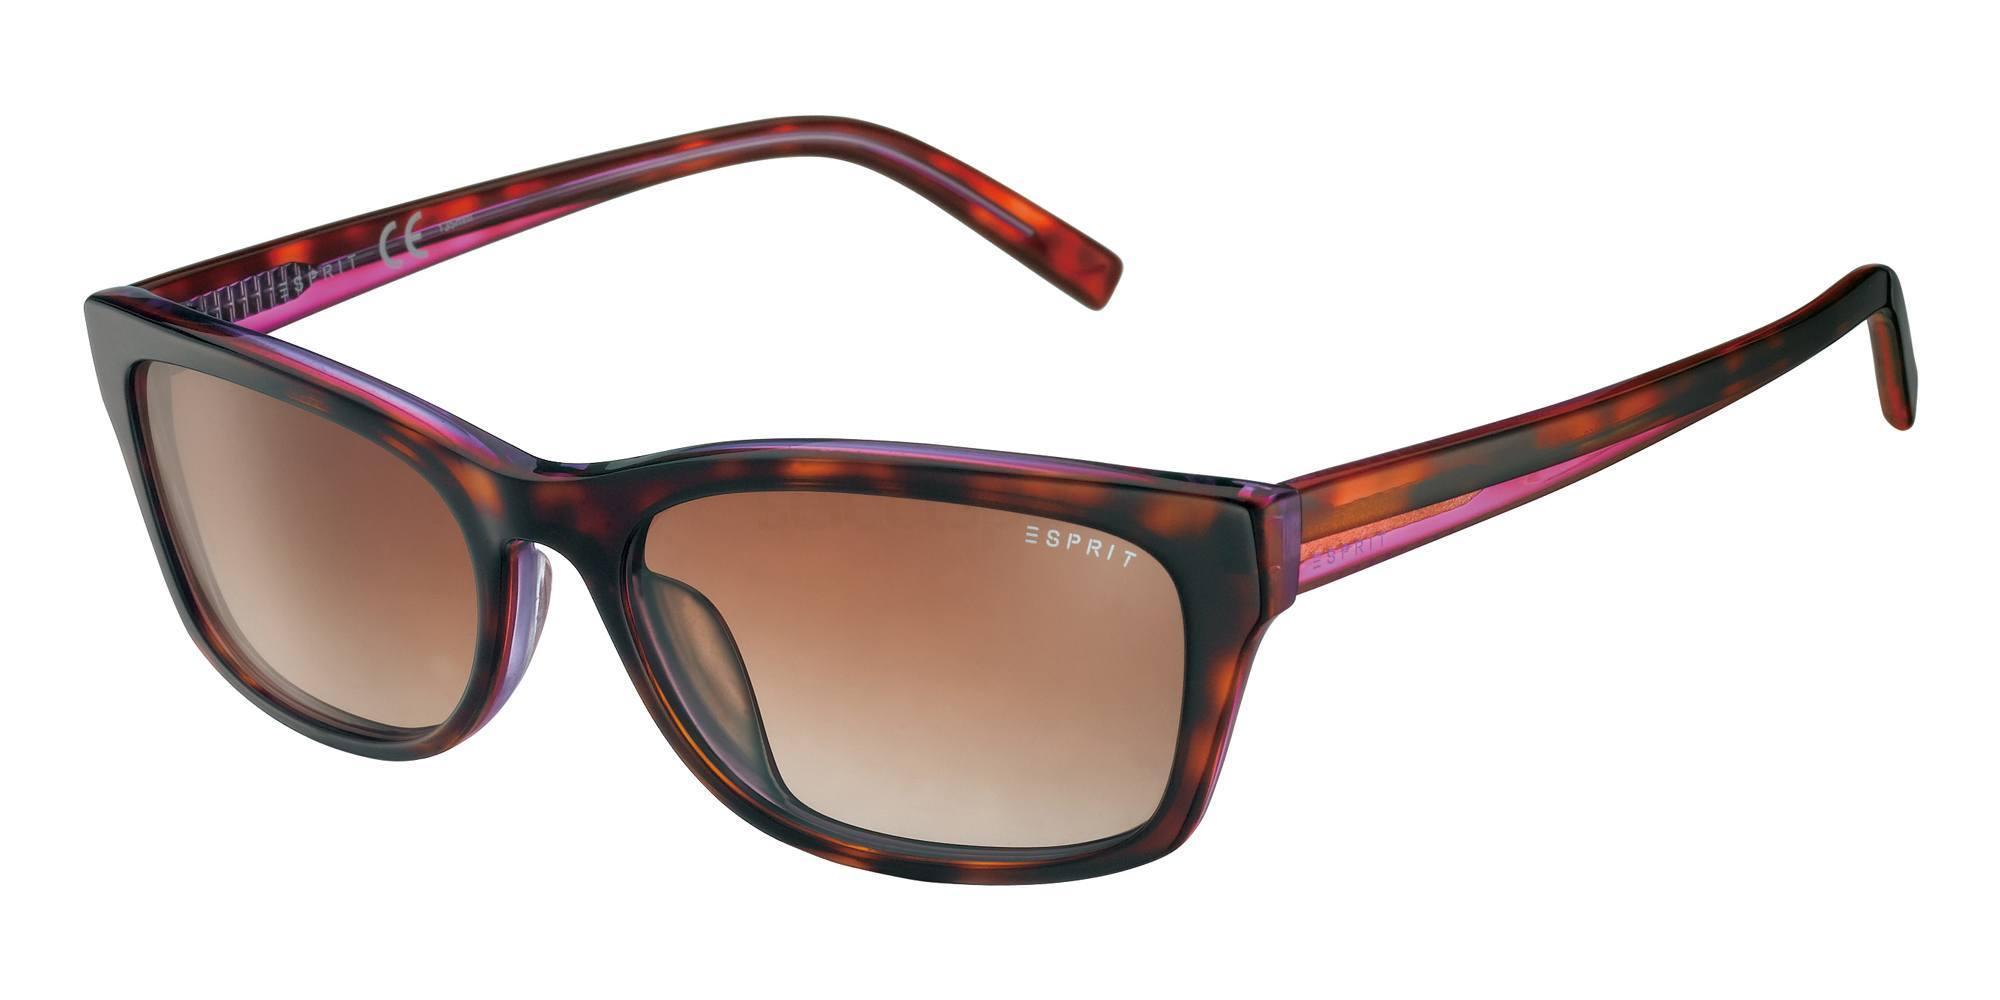 534 ET17859 Sunglasses, Esprit